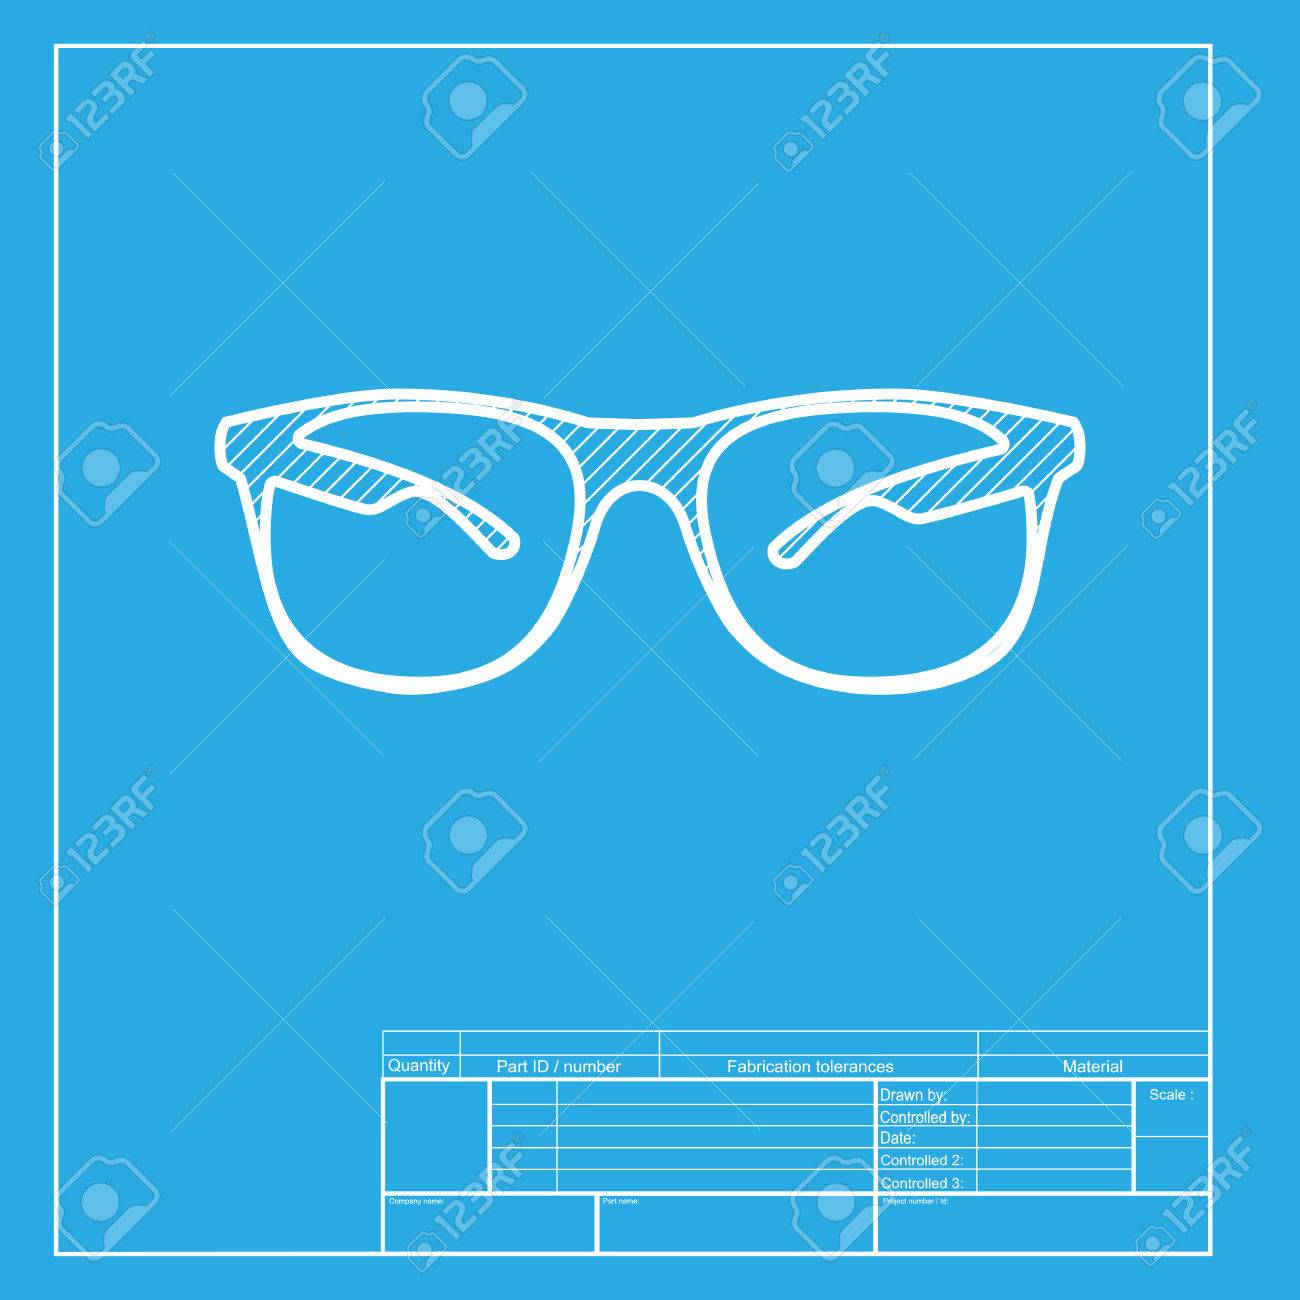 De Gafas En Icono Sol La Blanca MuestraSección Del Ilustración H9E2ID